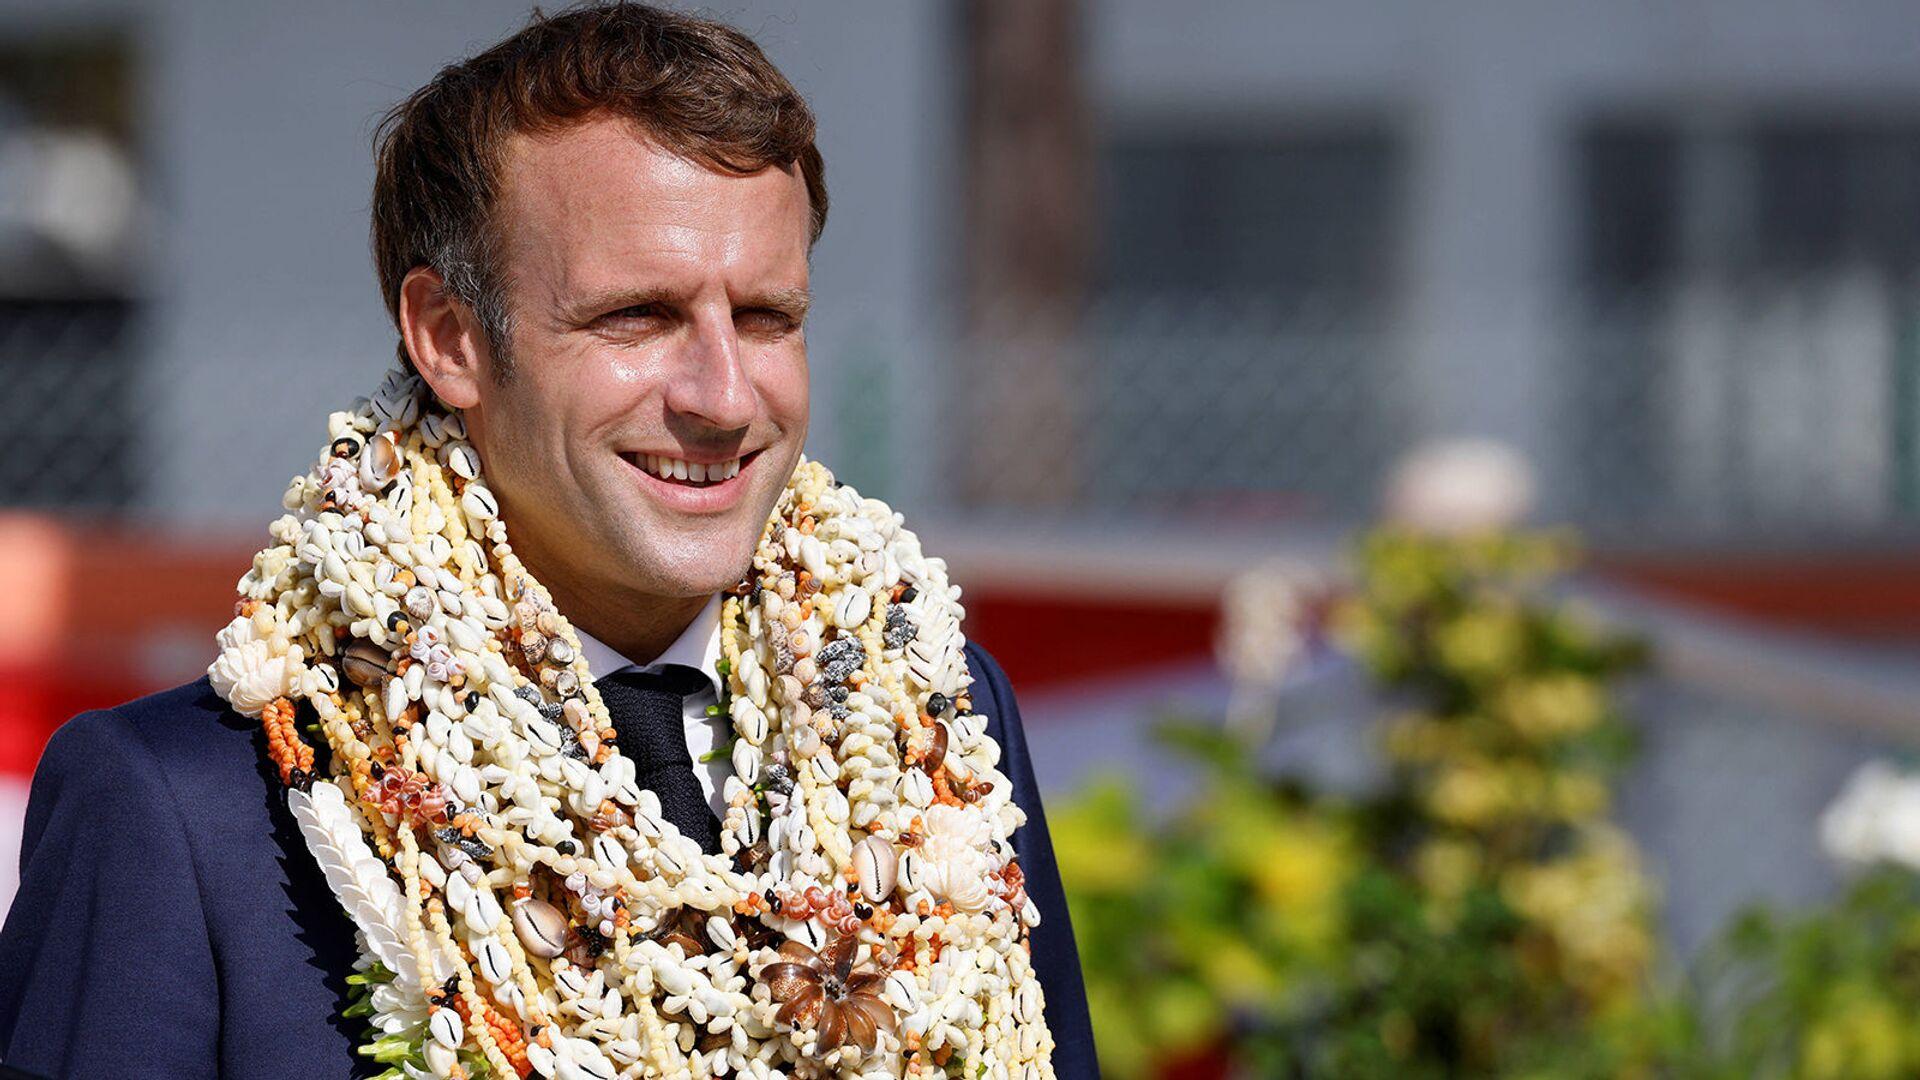 Президент Франции Эммануэль Макрон в гирляндах после прибытия на атолл Манихи на архипелаге Туамоту во Французской Полинезии - Sputnik Արմենիա, 1920, 27.07.2021